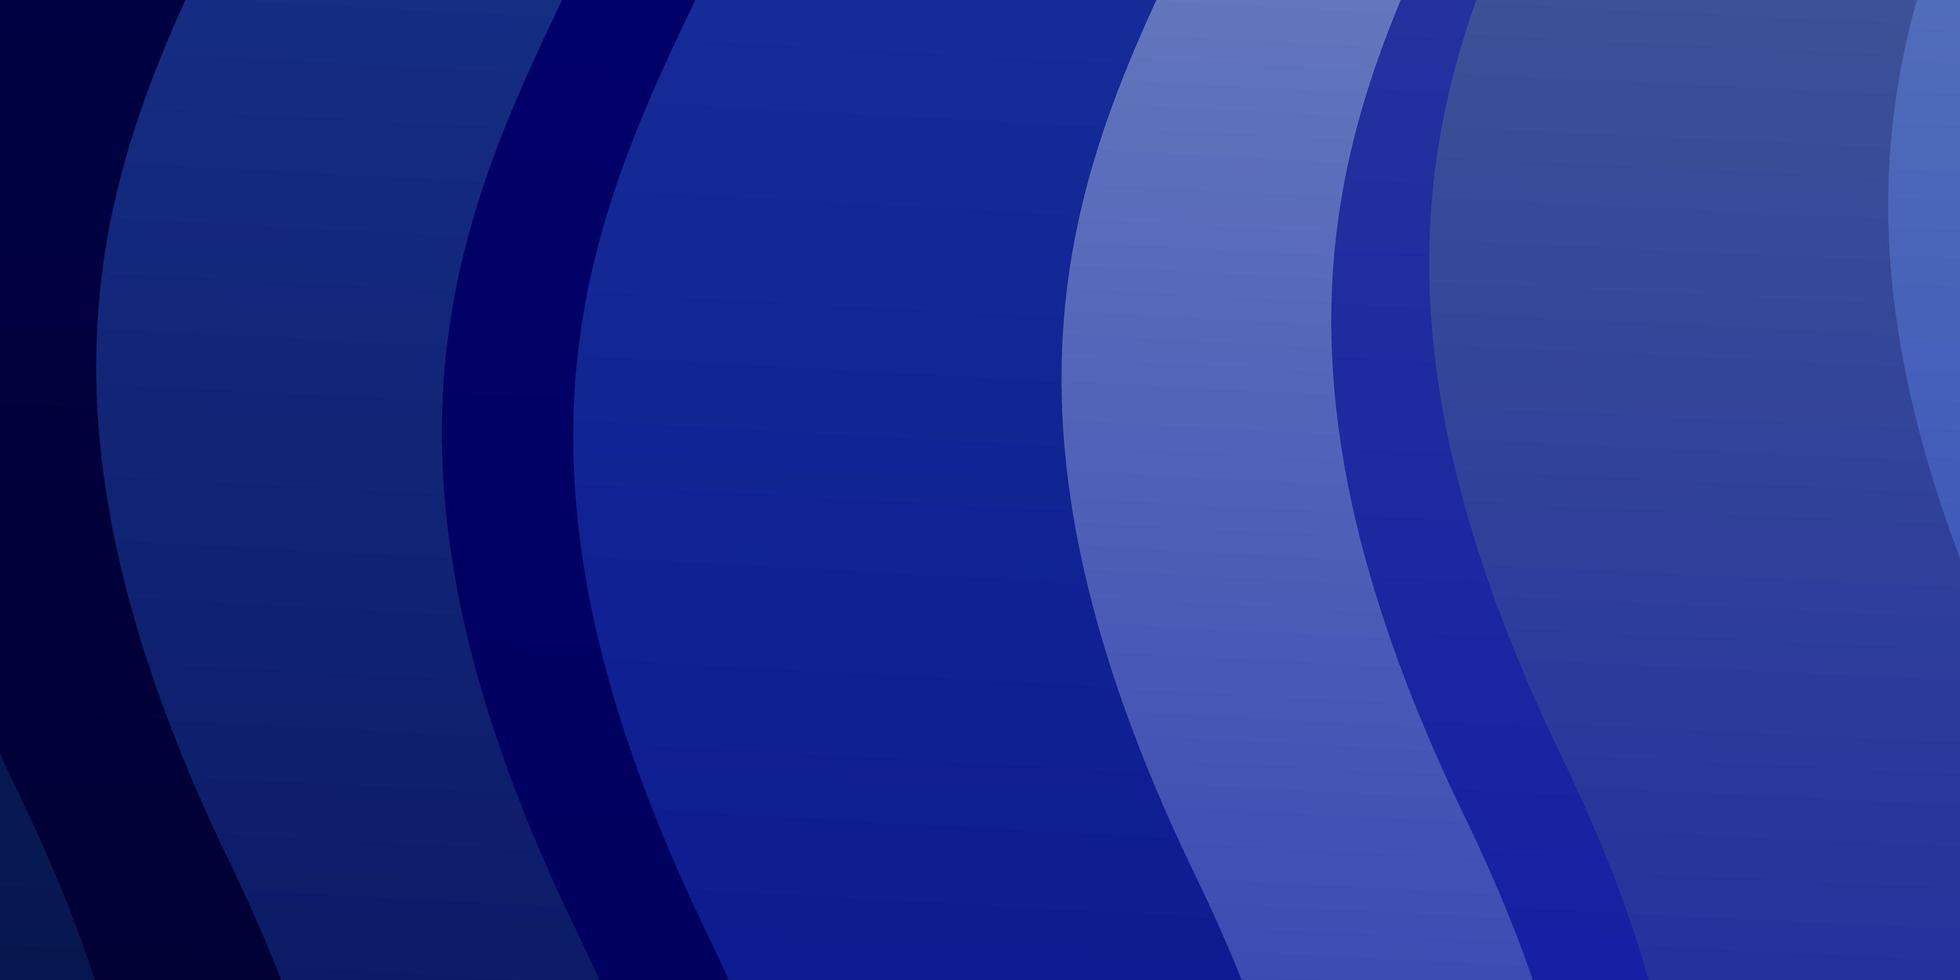 padrão de vetor azul escuro com curvas.